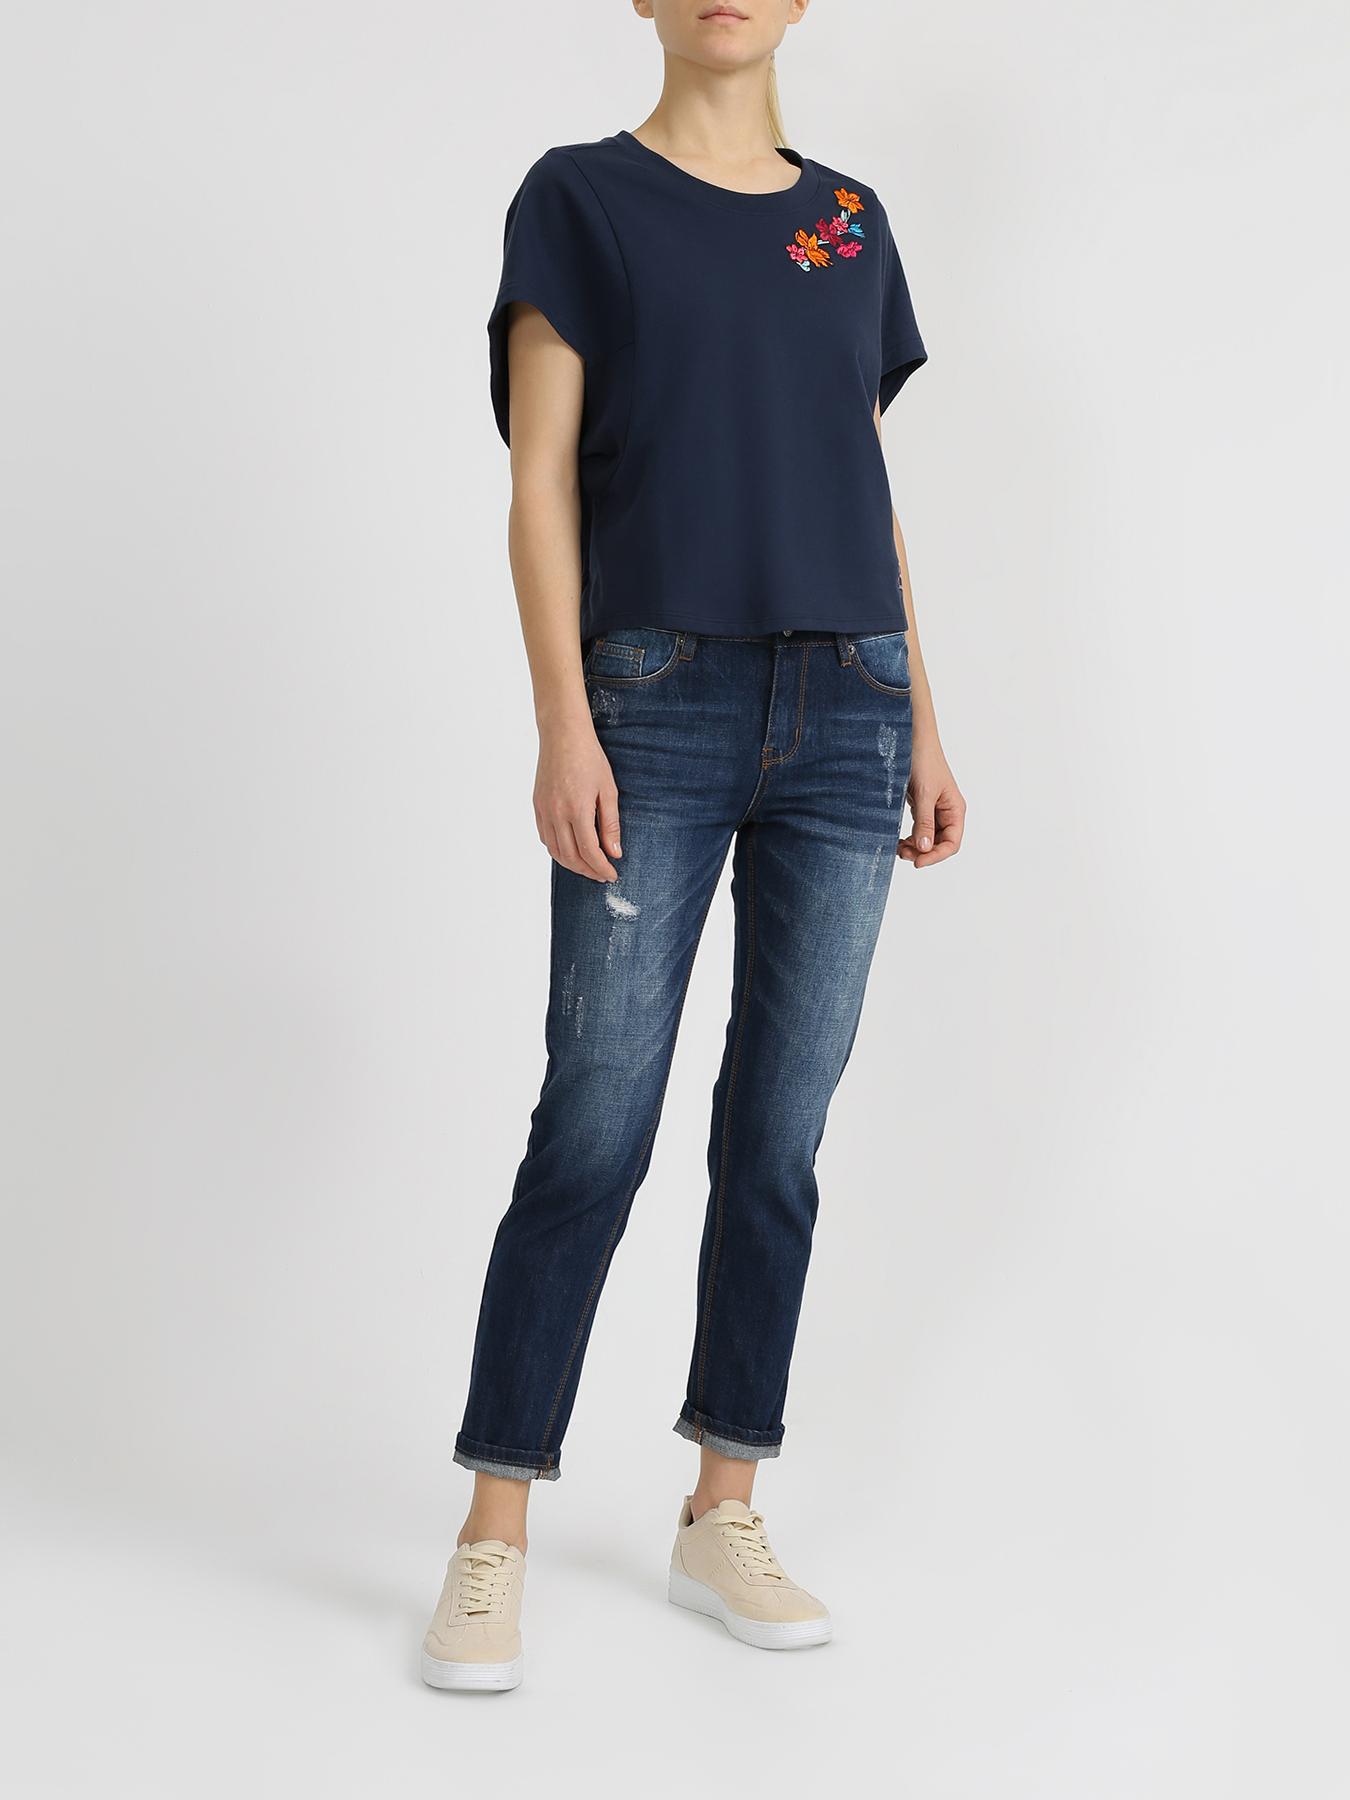 Брюки Alessandro Manzoni Укороченные джинсы джинсы lime укороченные джинсы